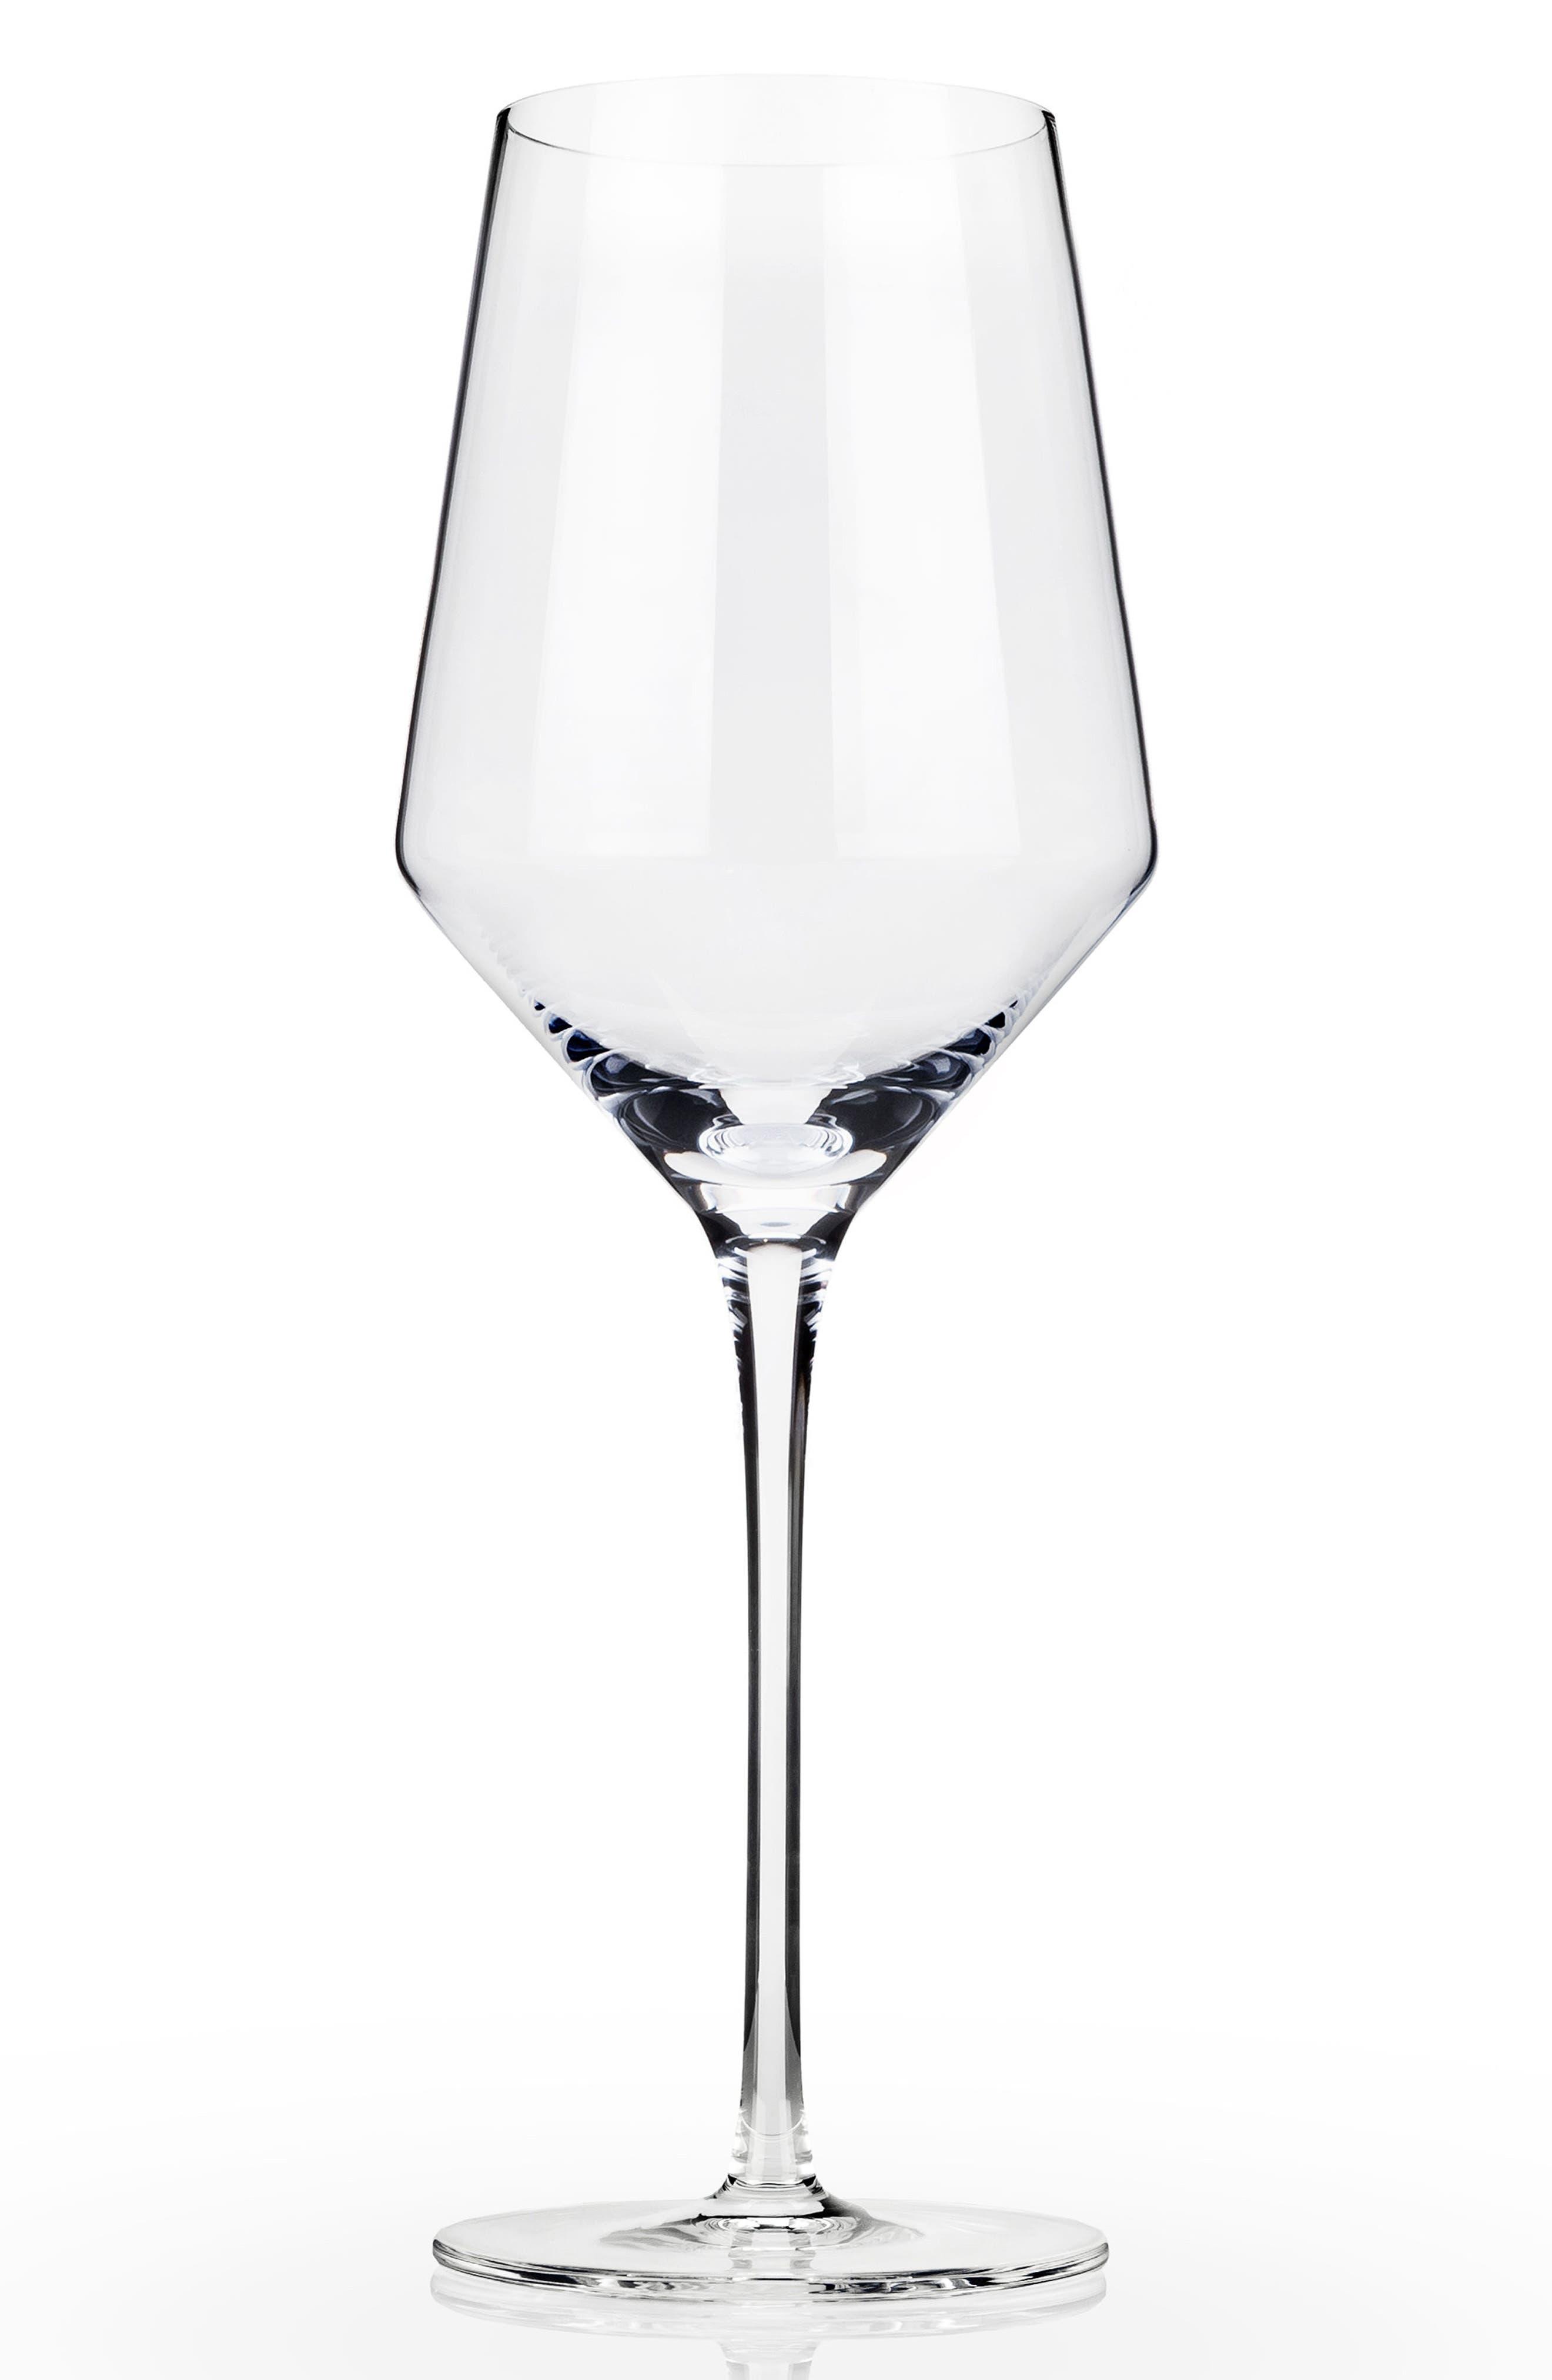 Viski Raye Set of 2 Chardonnay Glasses